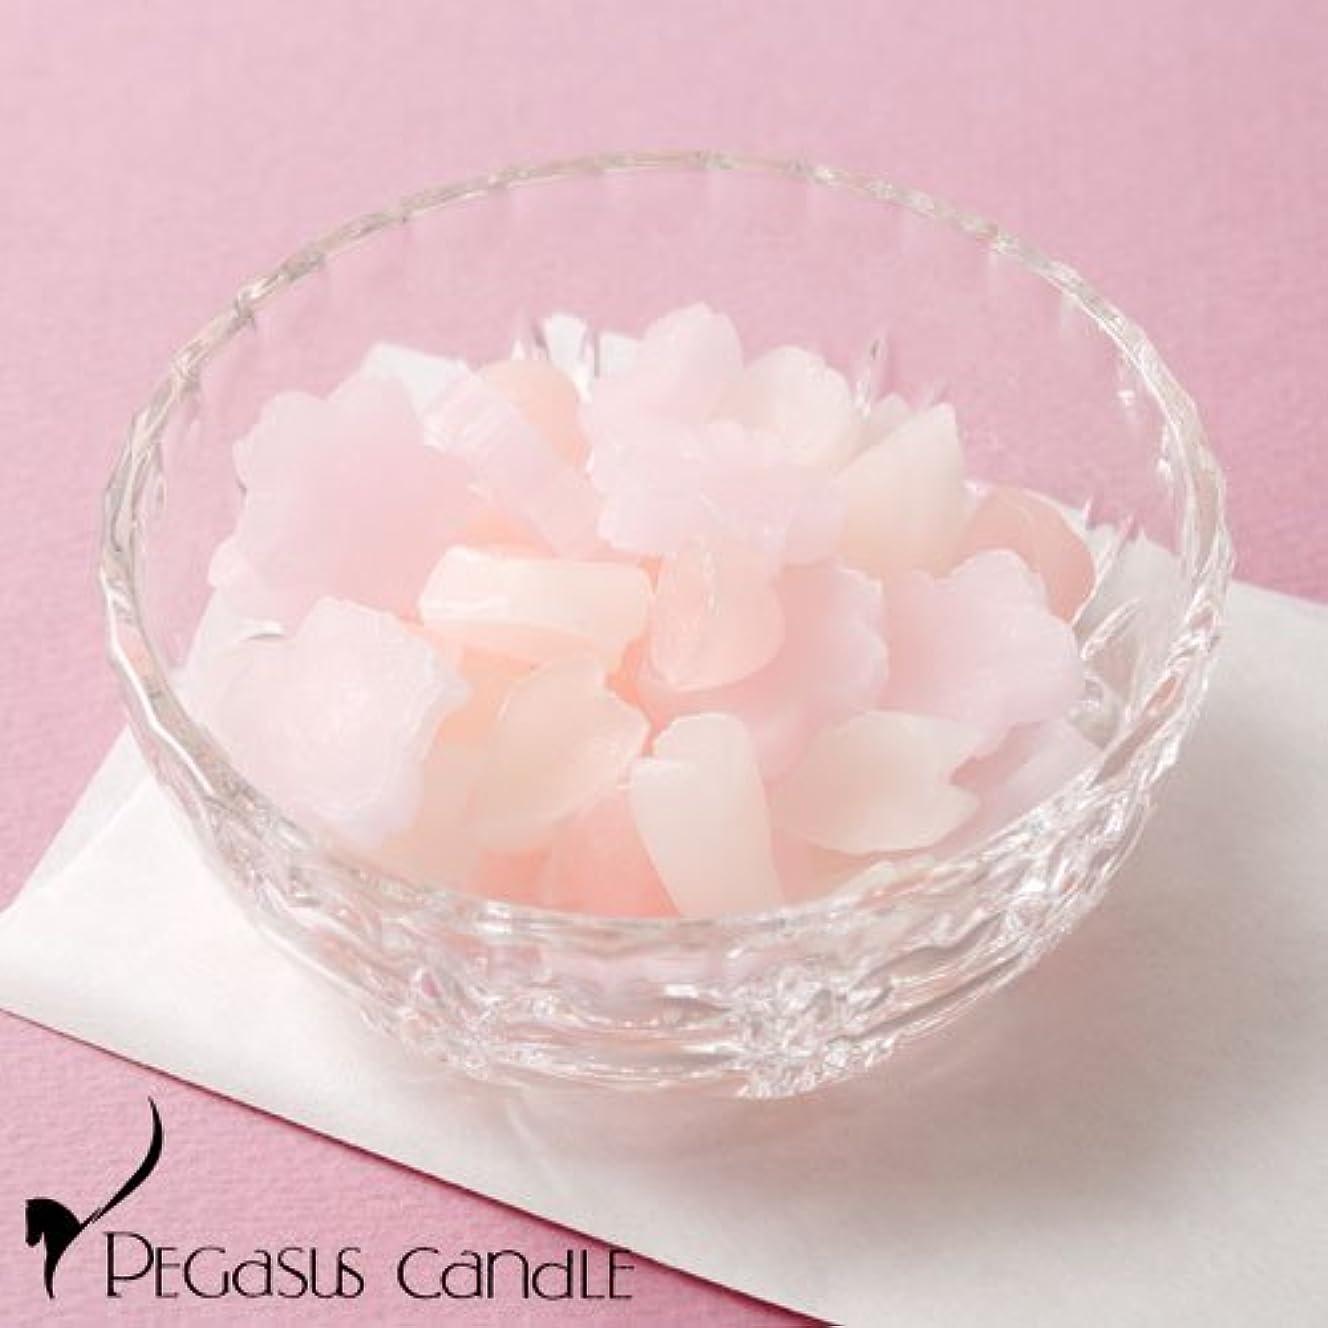 間に合わせ仕事サルベージさくらのかおりガラス器付きの桜の芳香剤ペガサスキャンドルSakura fragrance